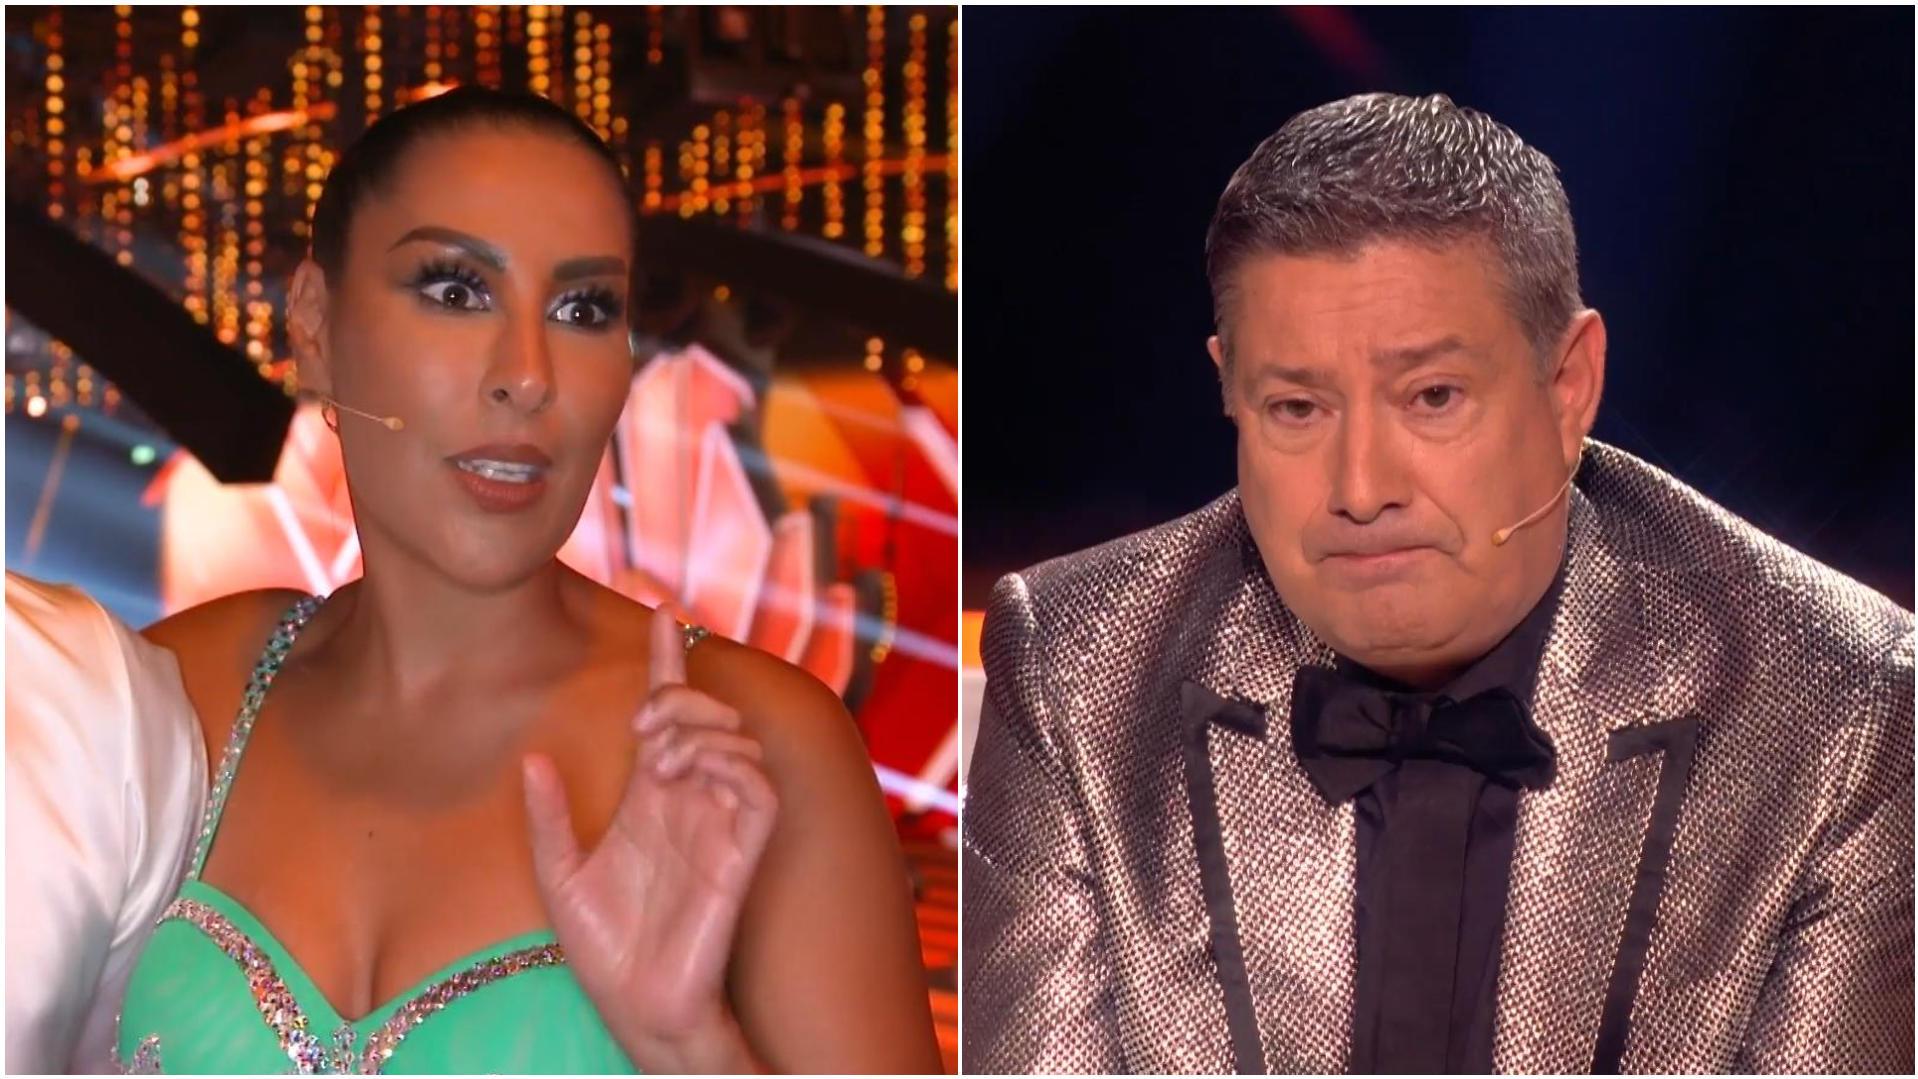 Let's Dance 2021: Das hat wehgetan! Senna Gammour macht Joachim Llambi eine Kampfansage - RTL Online